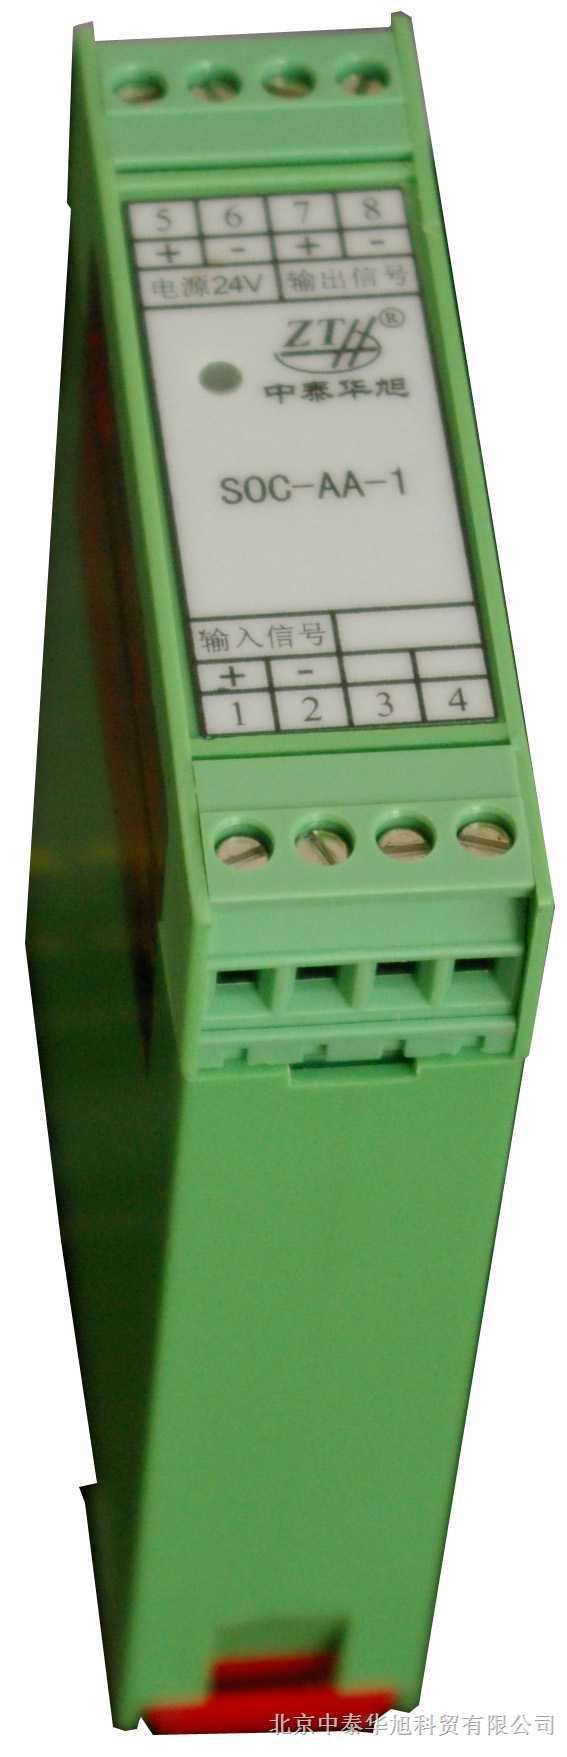 光电隔离器